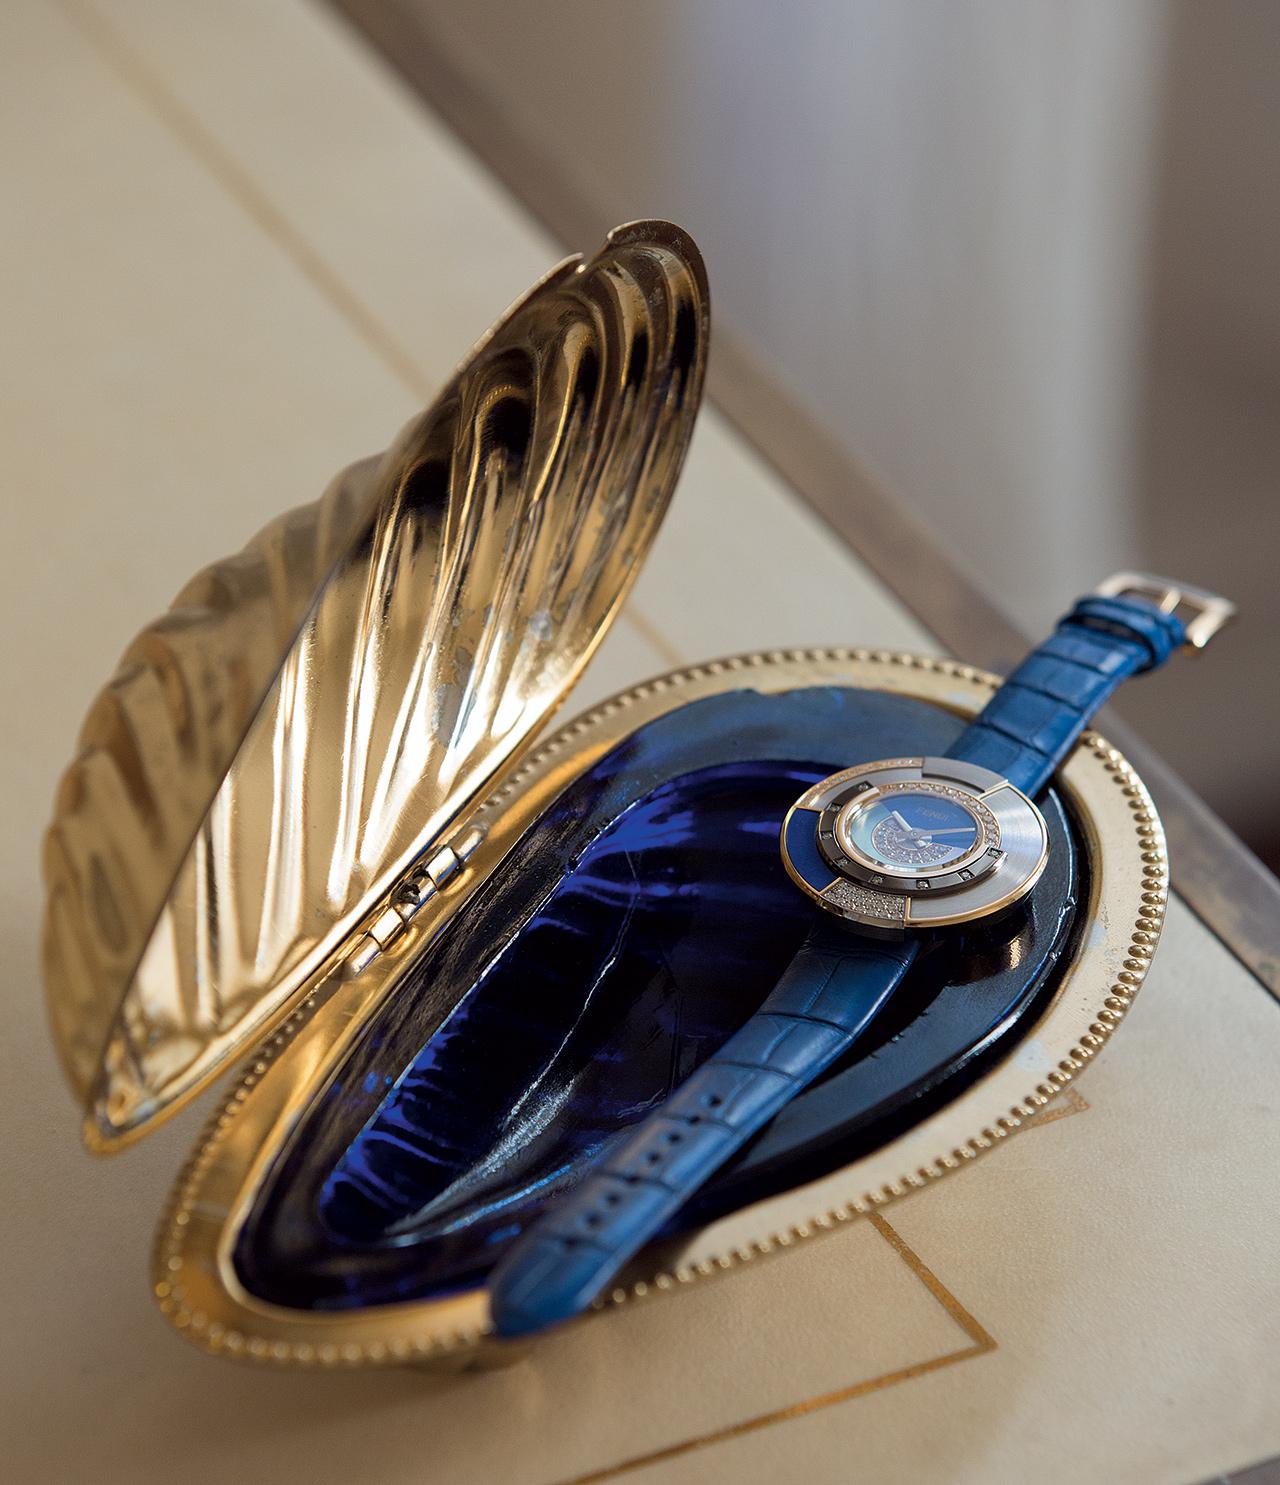 악어가죽, 라피스 라줄리, 다이아몬드 소재의 폴리크로미아 시계